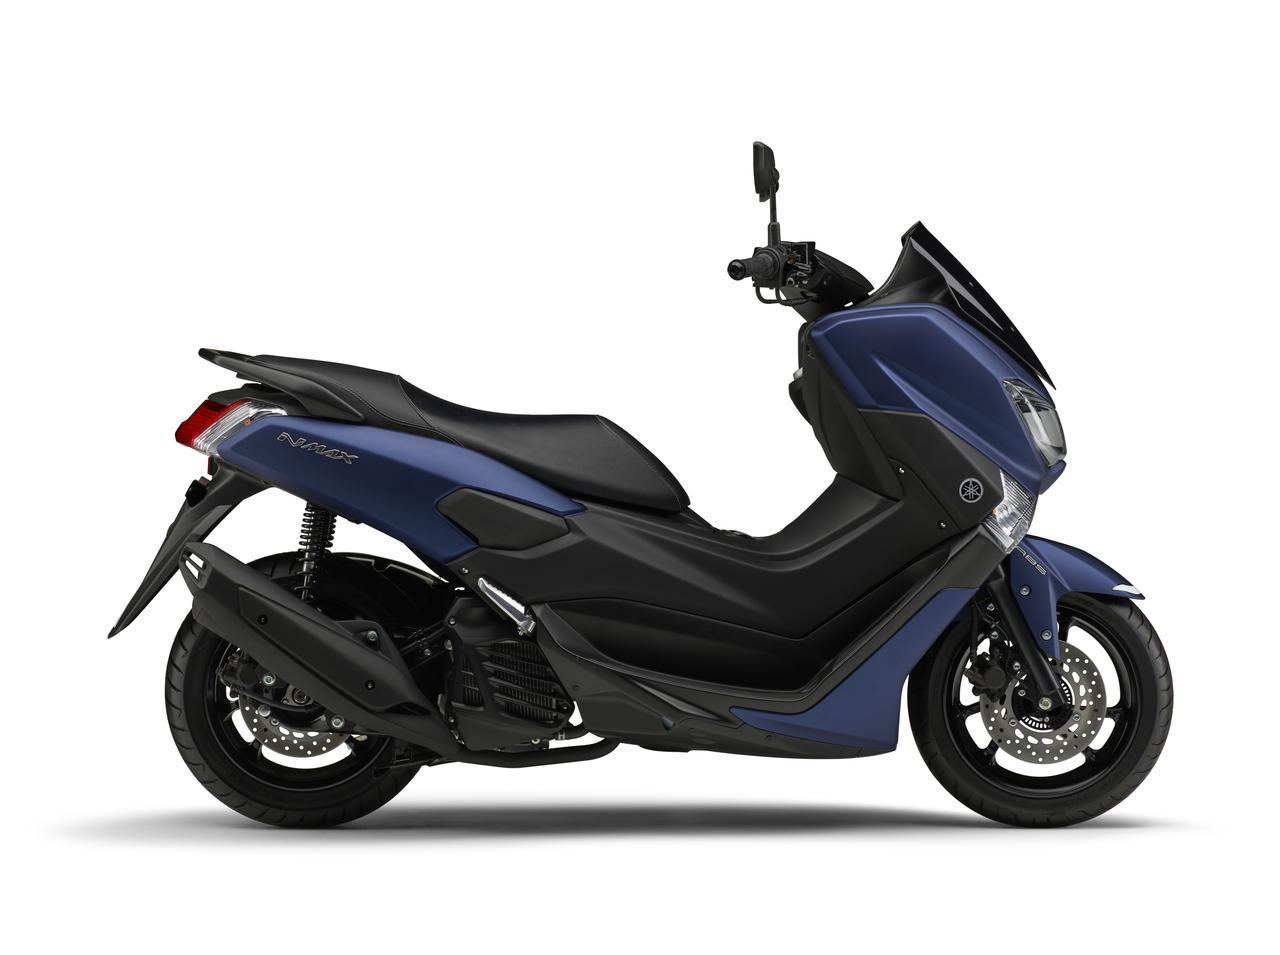 画像4: ヤマハの原付二種「NMAX ABS」2020年モデル情報|新色が4月25日に発売!【価格・発売日・カラー・スペック】